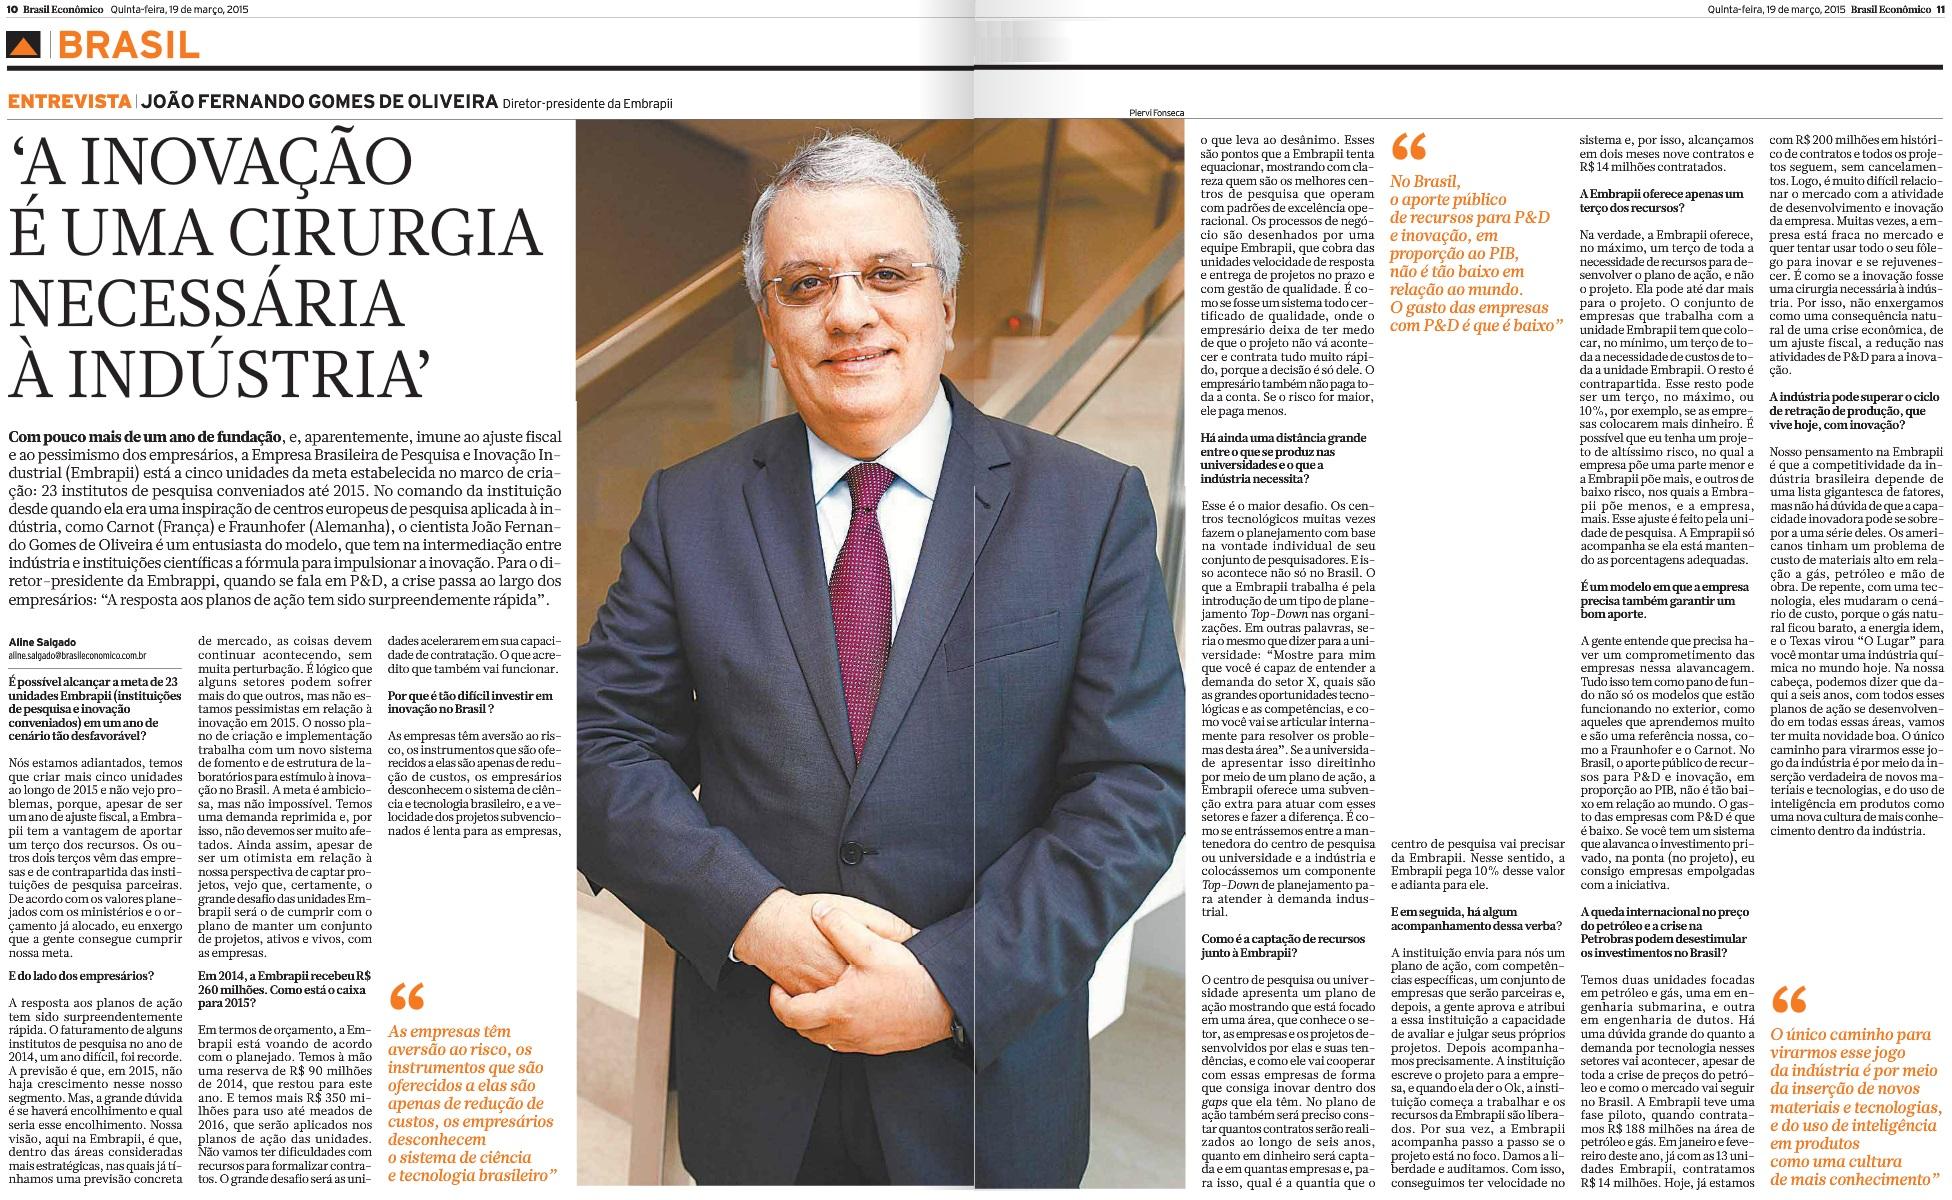 Brasil Economico_19.03.2015